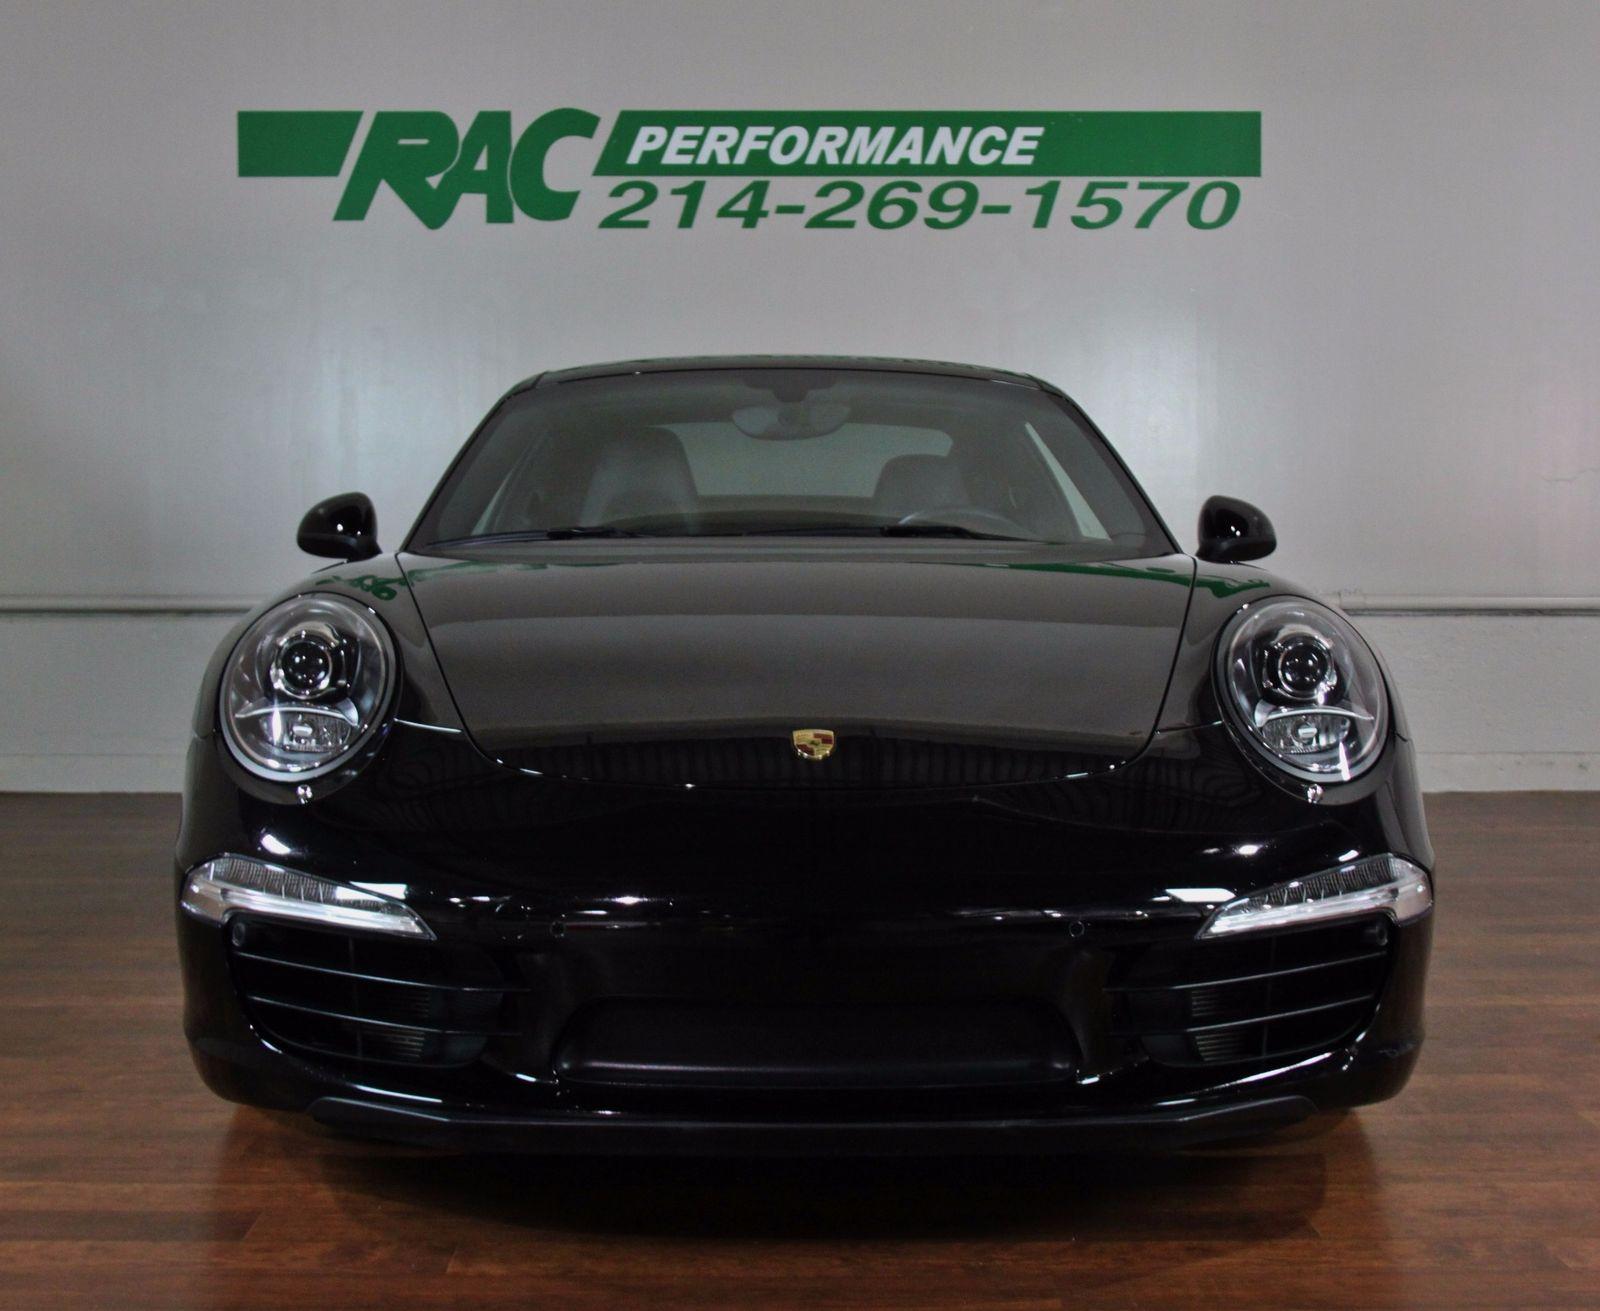 2012 porsche 911 carrera s carrollton tx